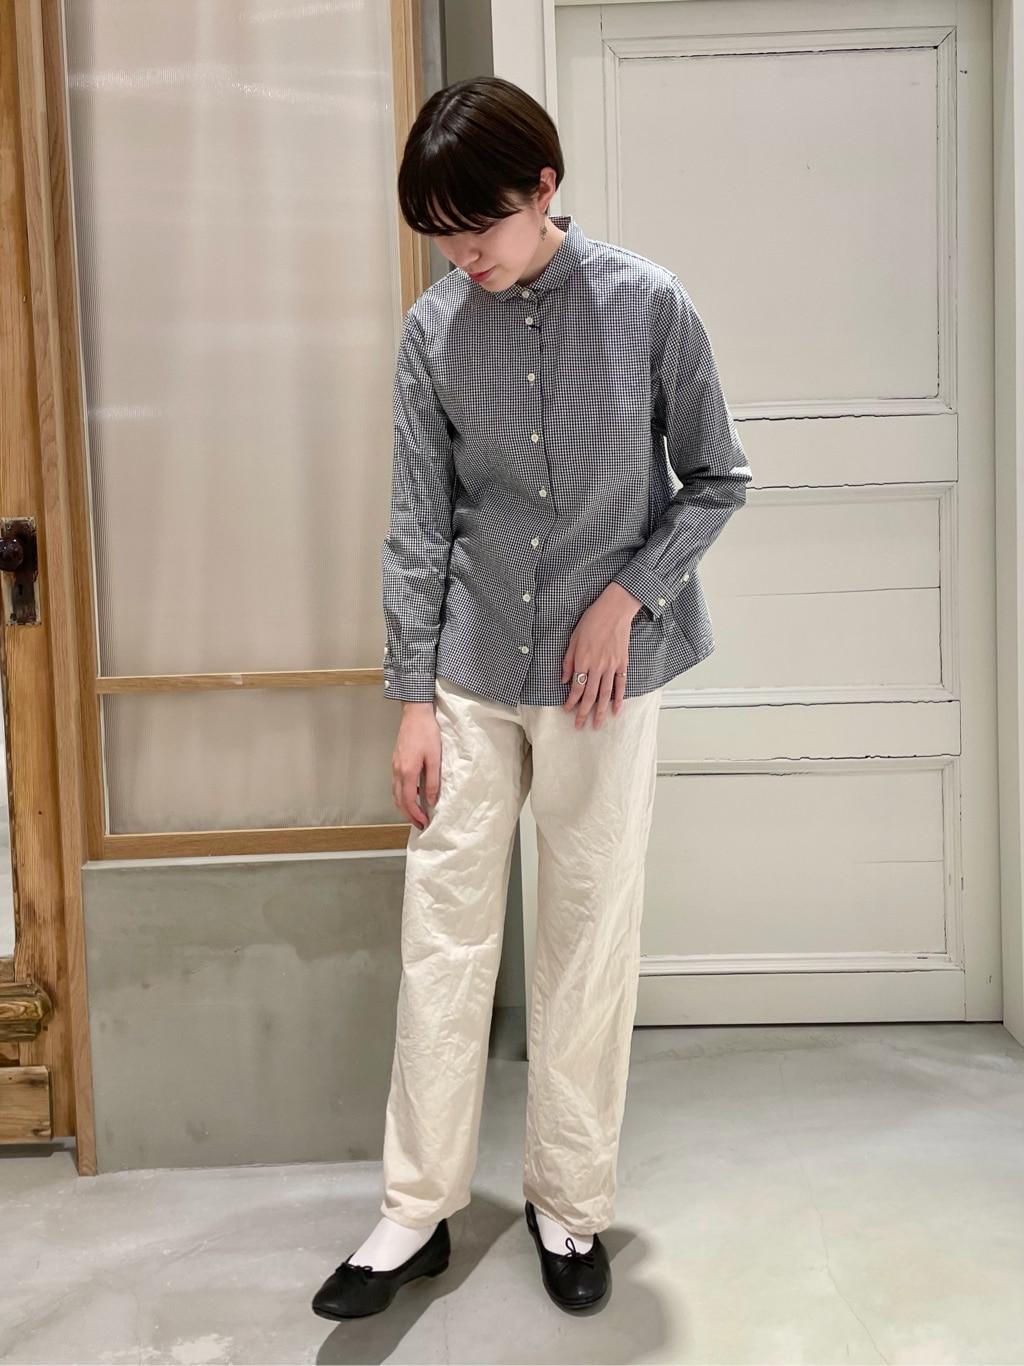 yuni ニュウマン横浜 身長:166cm 2021.02.21